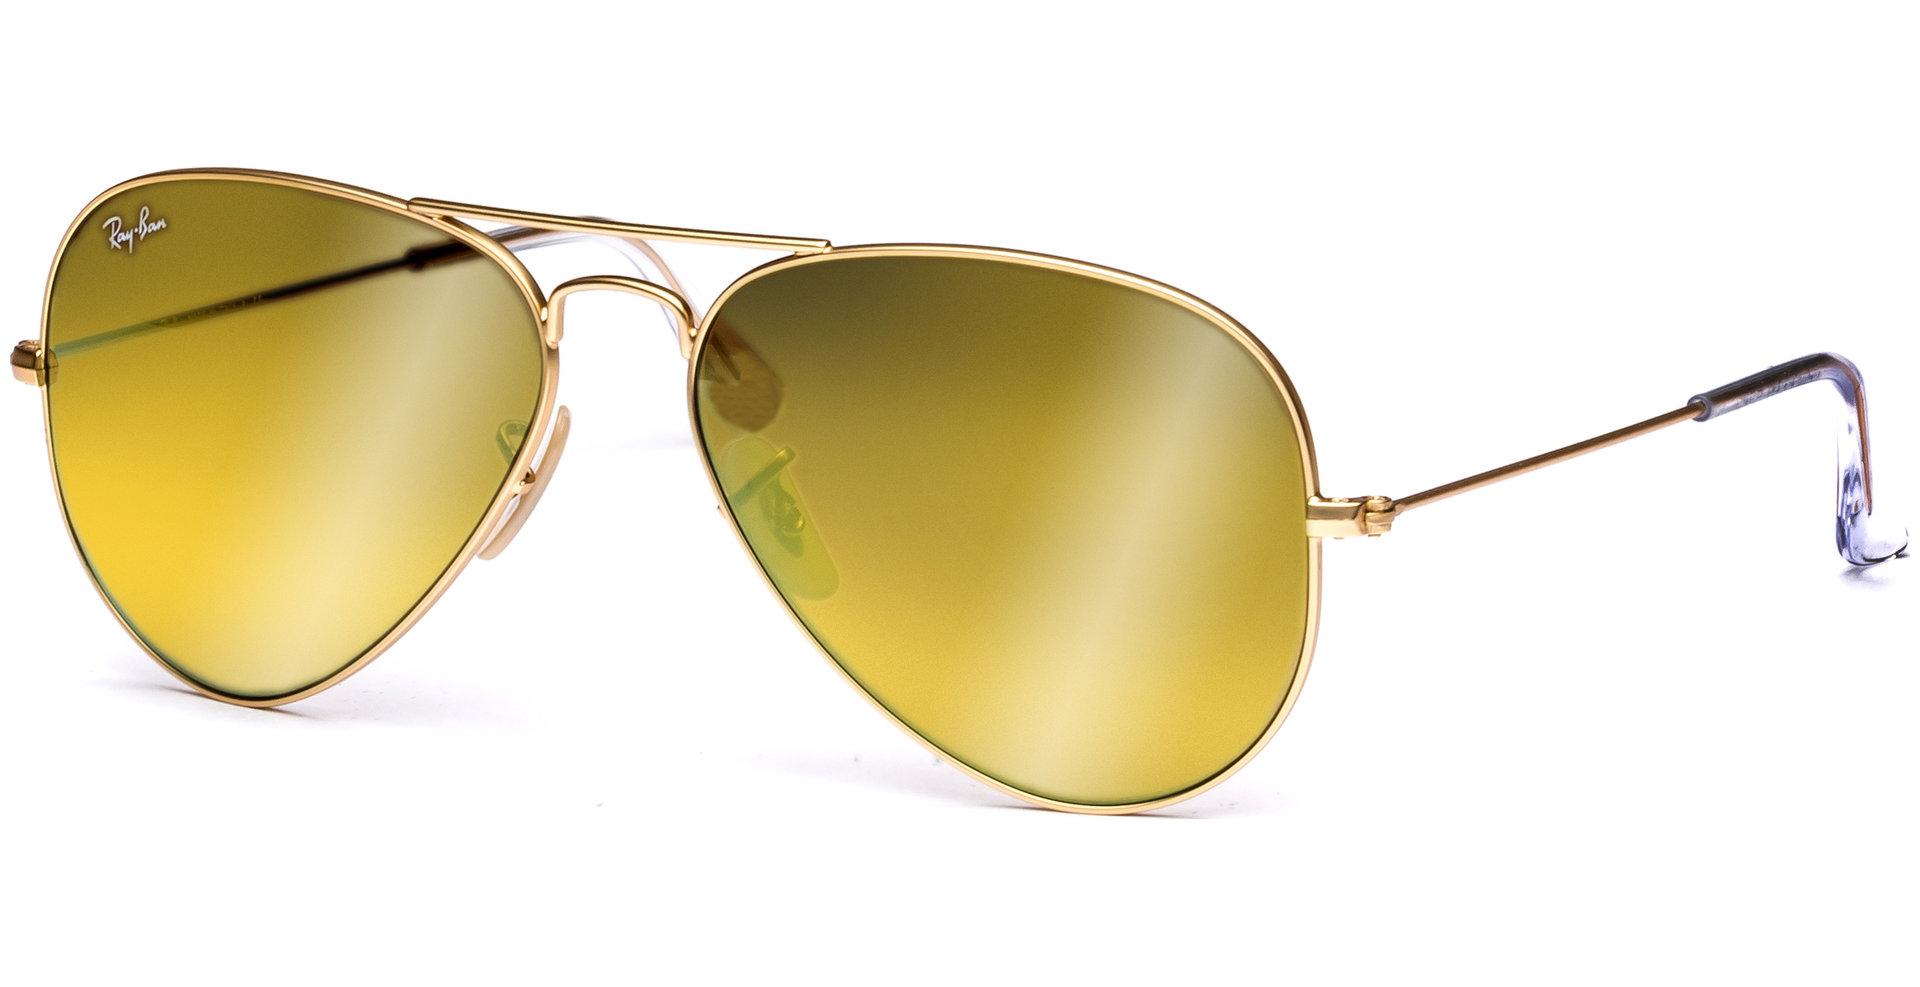 ray ban sonnenbrille gold verspiegelt